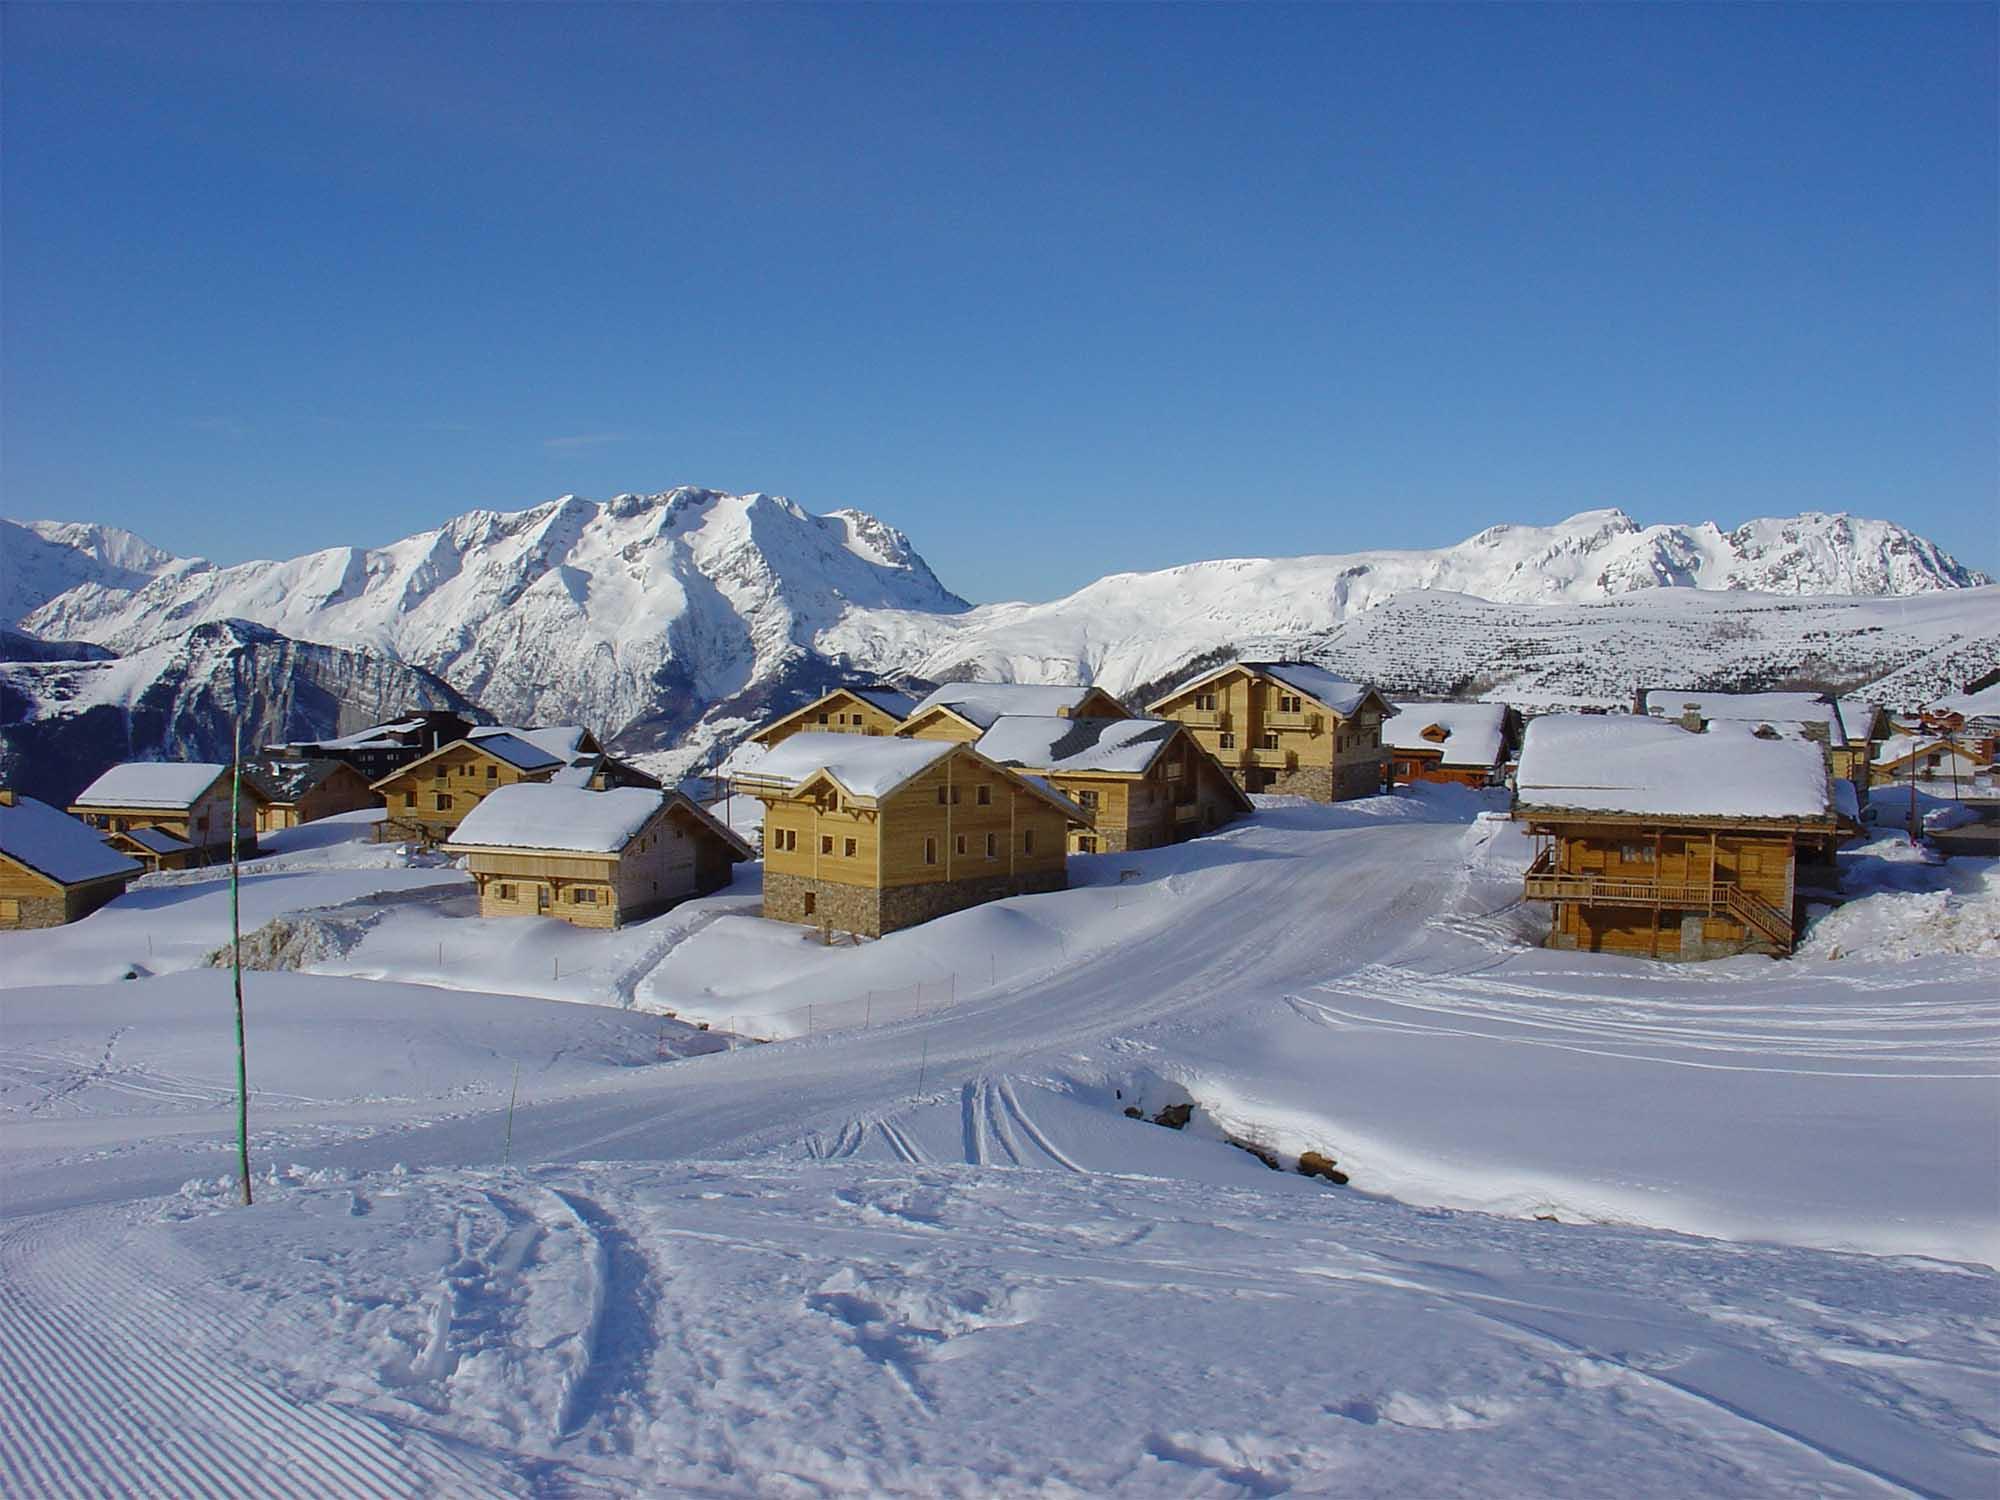 Vue extérieure des chalets avec le domaine skiable